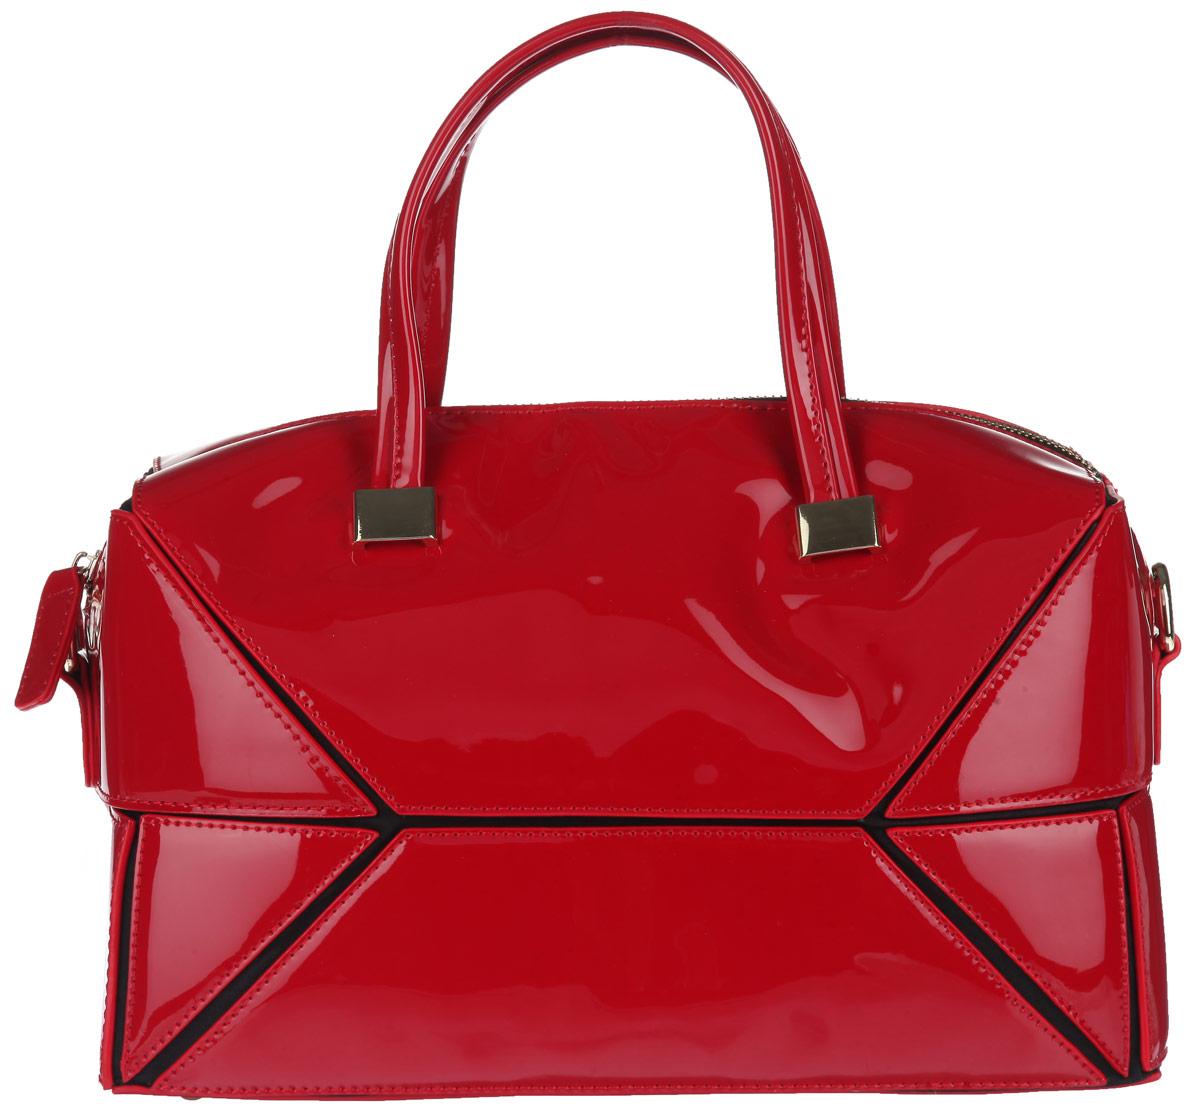 Сумка женская Milana, цвет: красный, черный. 152620-3-740152620-3-740Стильная сумка Milana, выполнена из искусственной лакированной кожи и текстиля, оформлена металлической фурнитурой. Изделие содержит одно отделение, которое закрывается на молнию. Внутри изделия расположены: два накладных кармана и врезной карман на молнии. Изделие оснащено двумя практичными ручками и съемным плечевым ремнем регулируемой длины, которые крепятся к сумке при помощи металлической фурнитуры и позволят носить изделие, как в руках, так и на плече. Дно сумки дополнено металлическими ножками. Элегантная сумка идеально дополнит ваш образ и подчеркнет индивидуальность стиля.